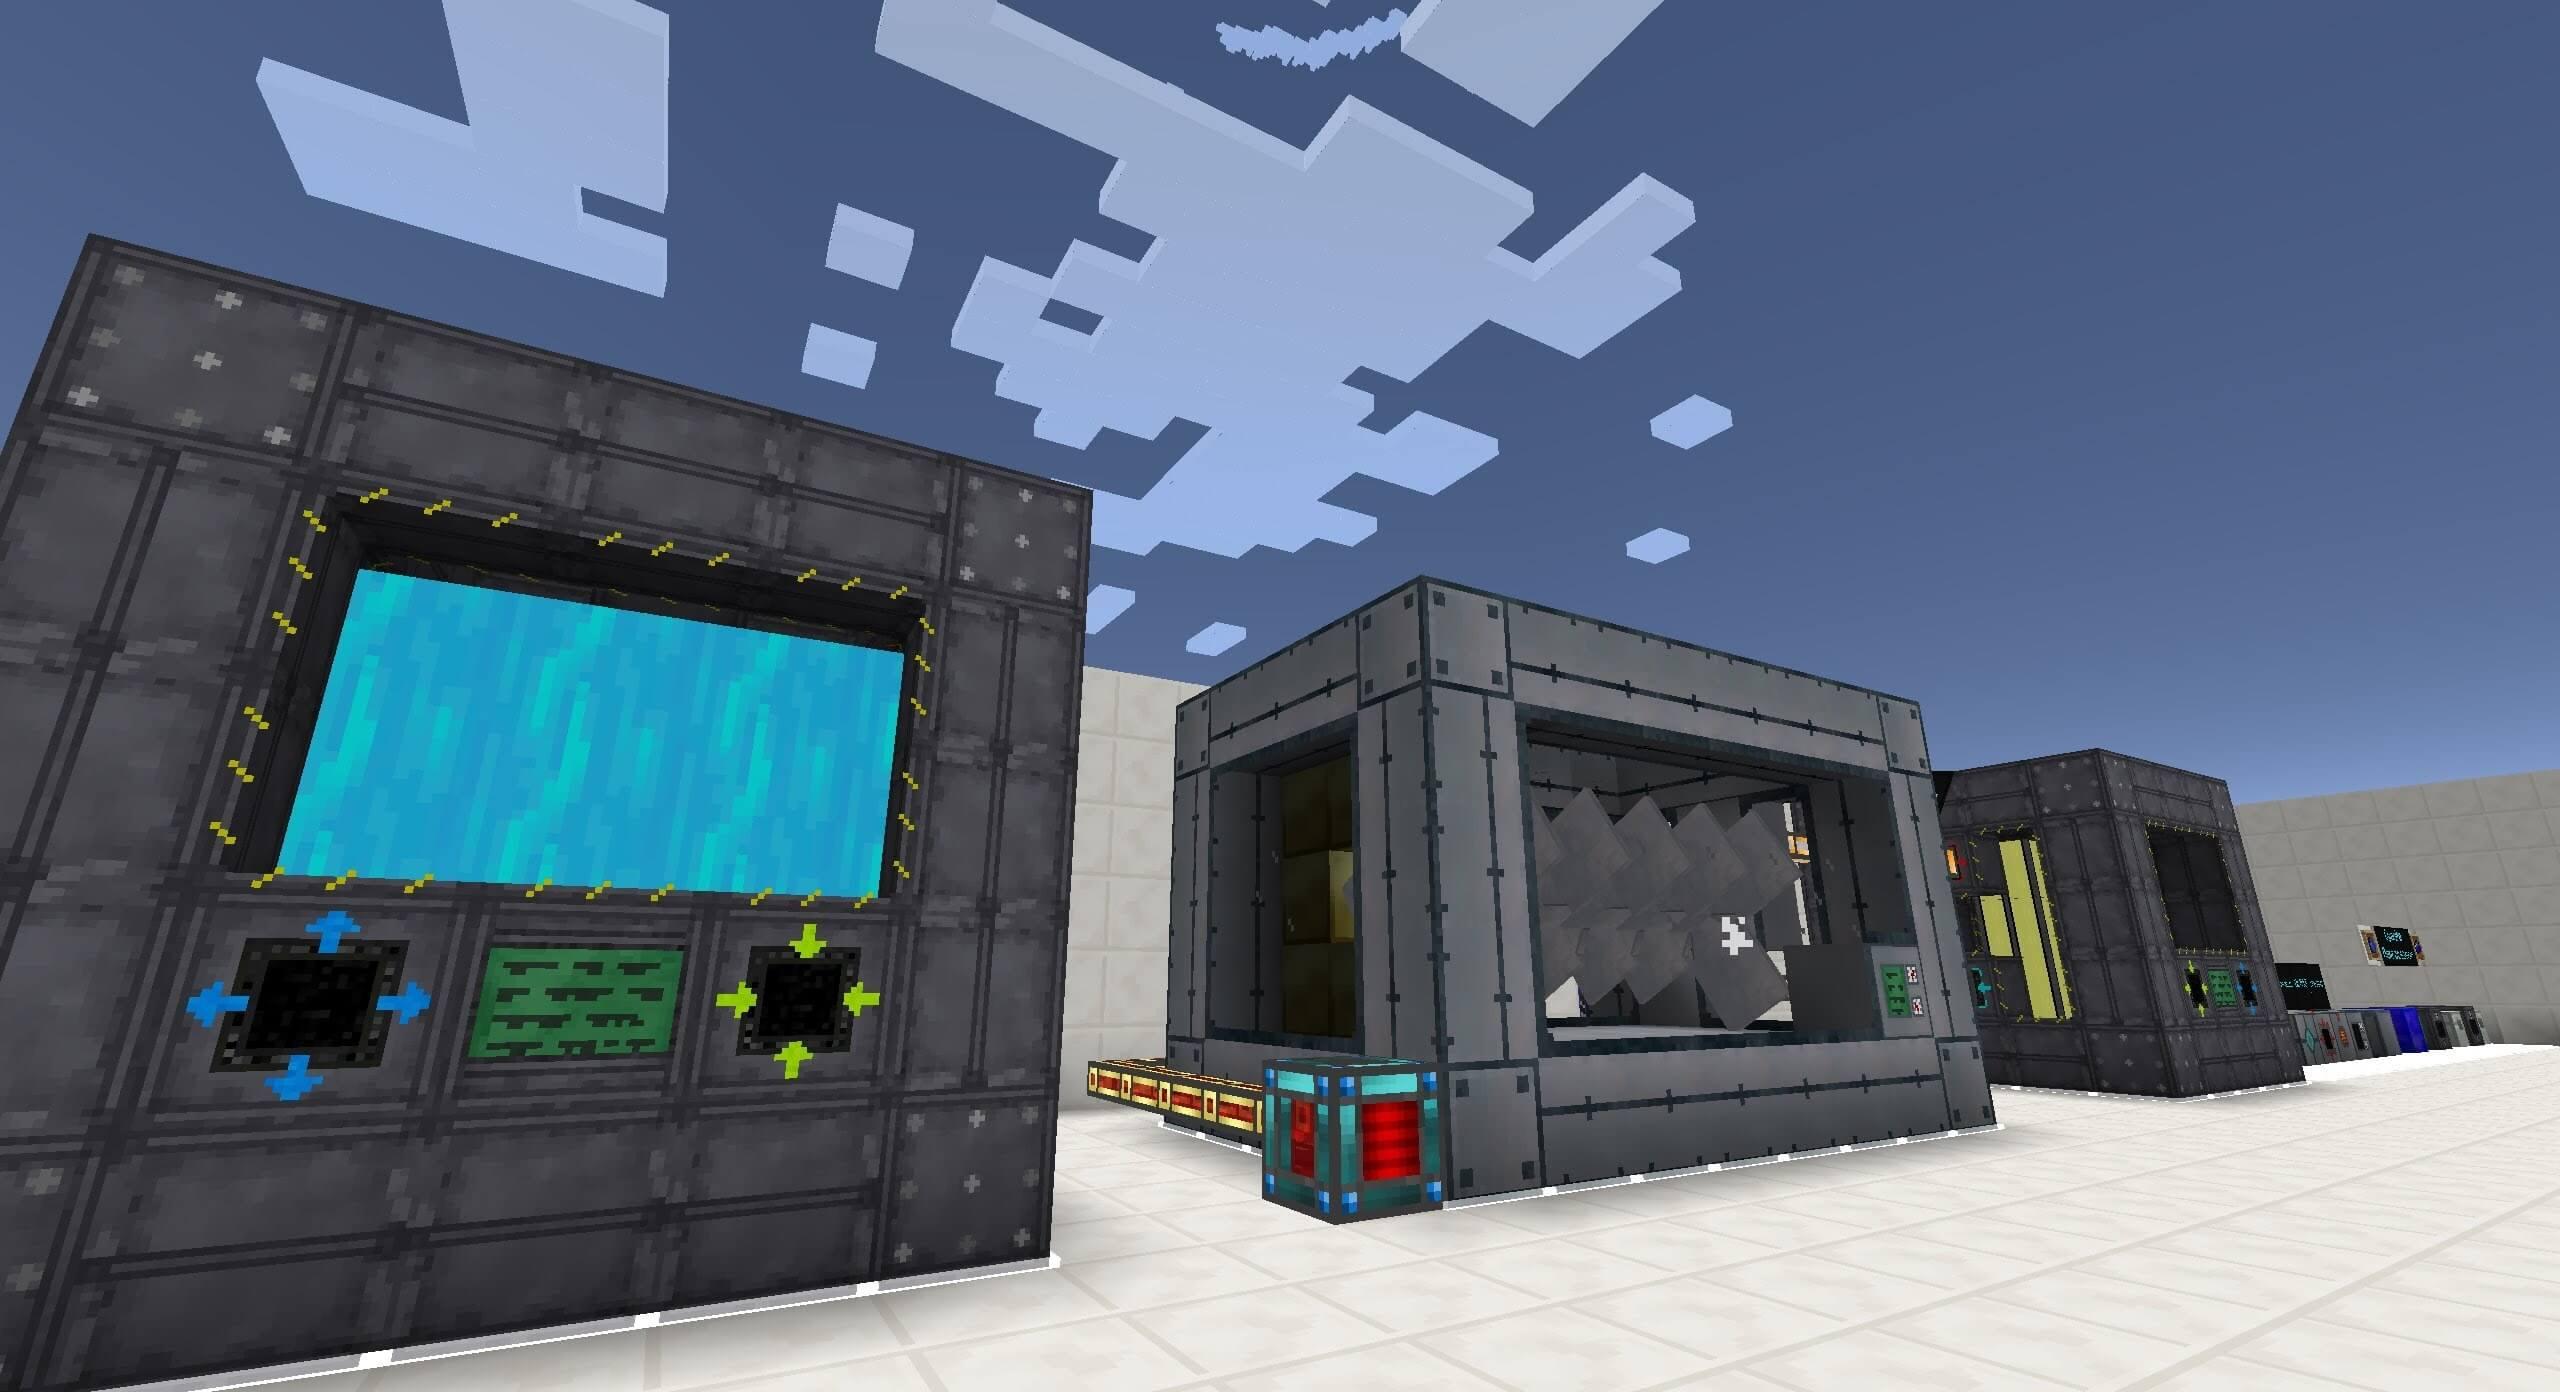 Мод на механизмы и генераторы для Minecraft 1.7.10 (Big Reactors)